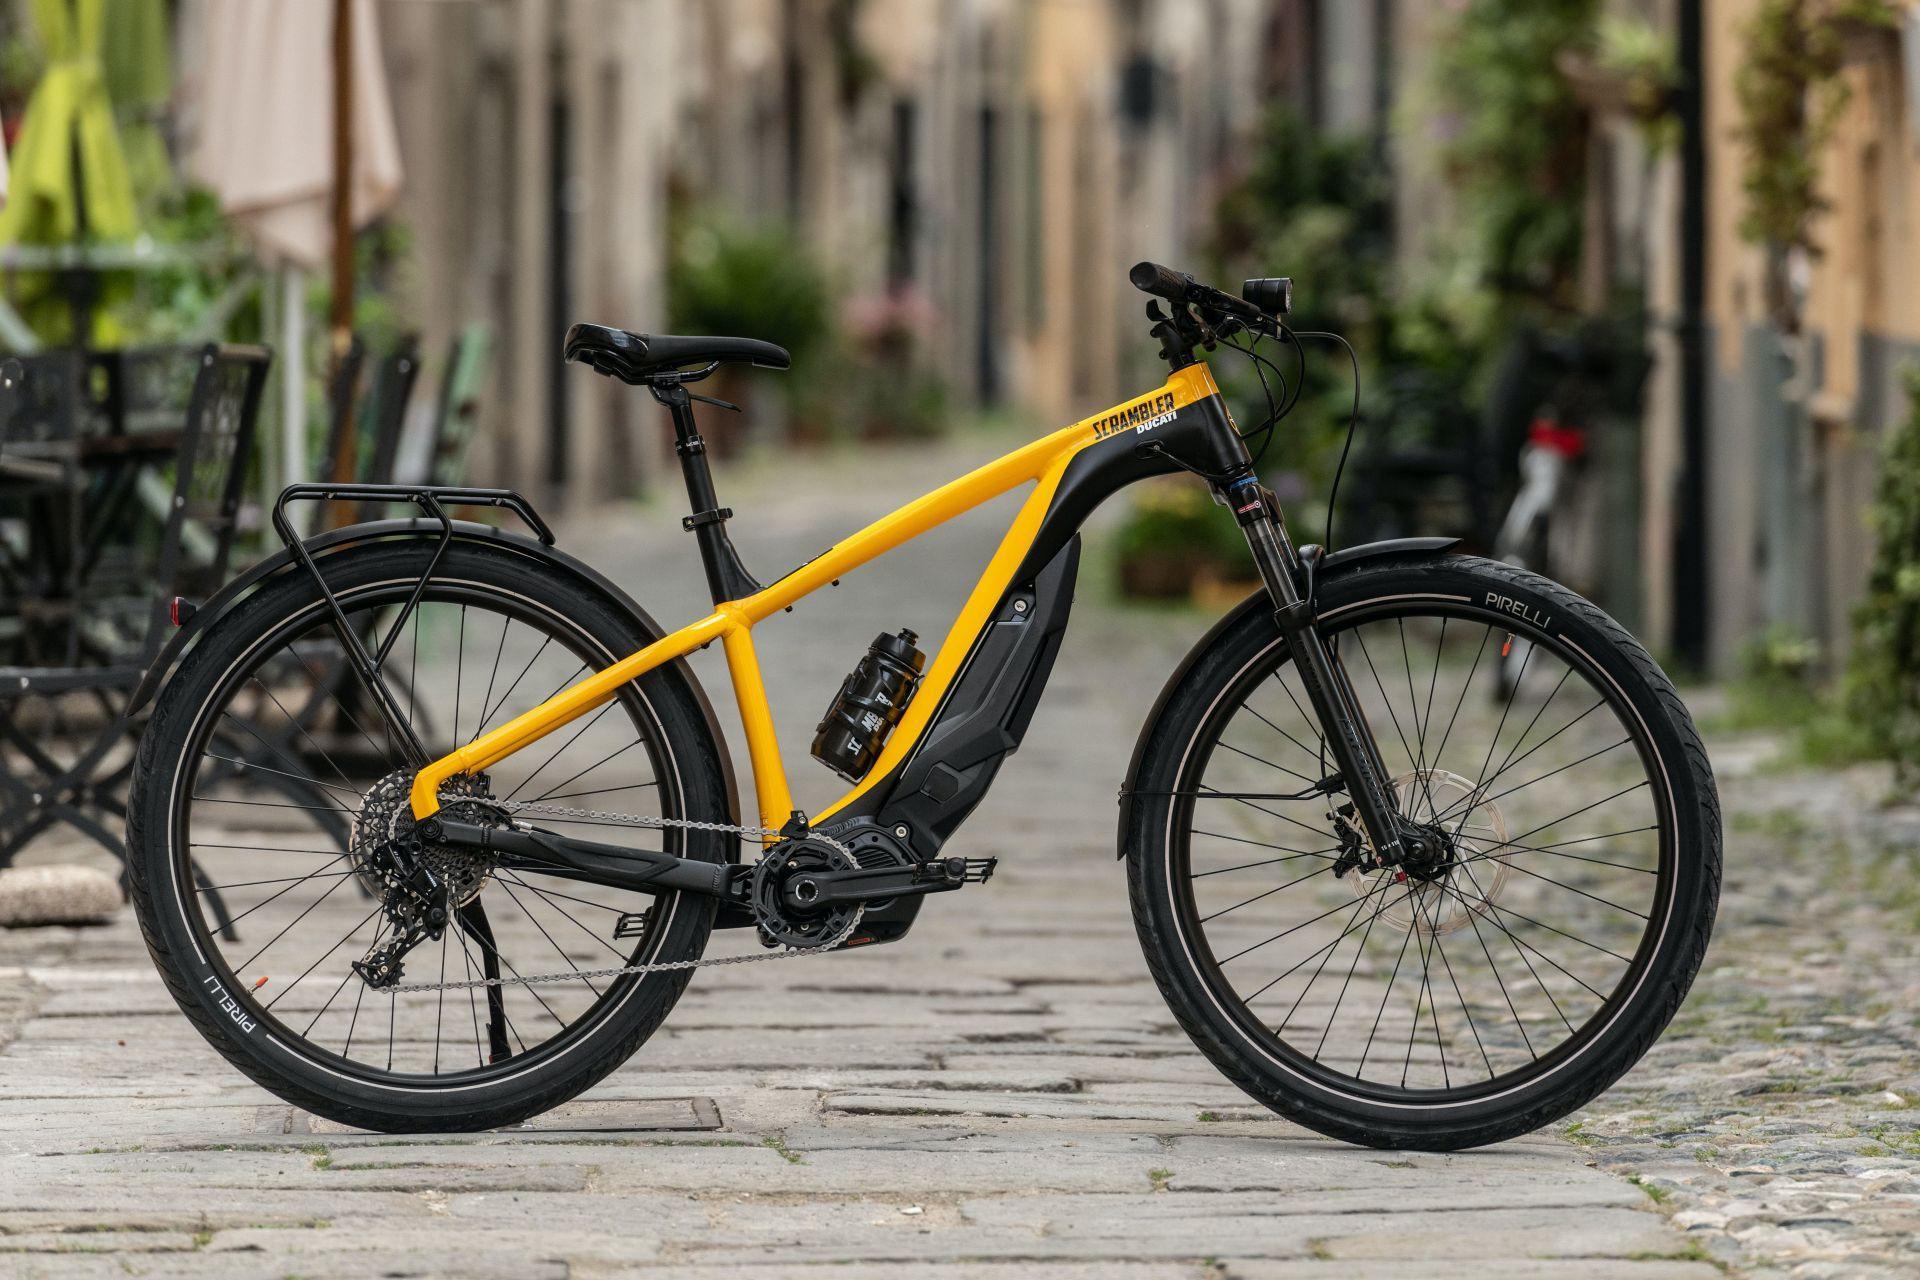 Khám phá xe đạp điện của Ducati có giá lên tới trăm triệu đồng Ảnh 7